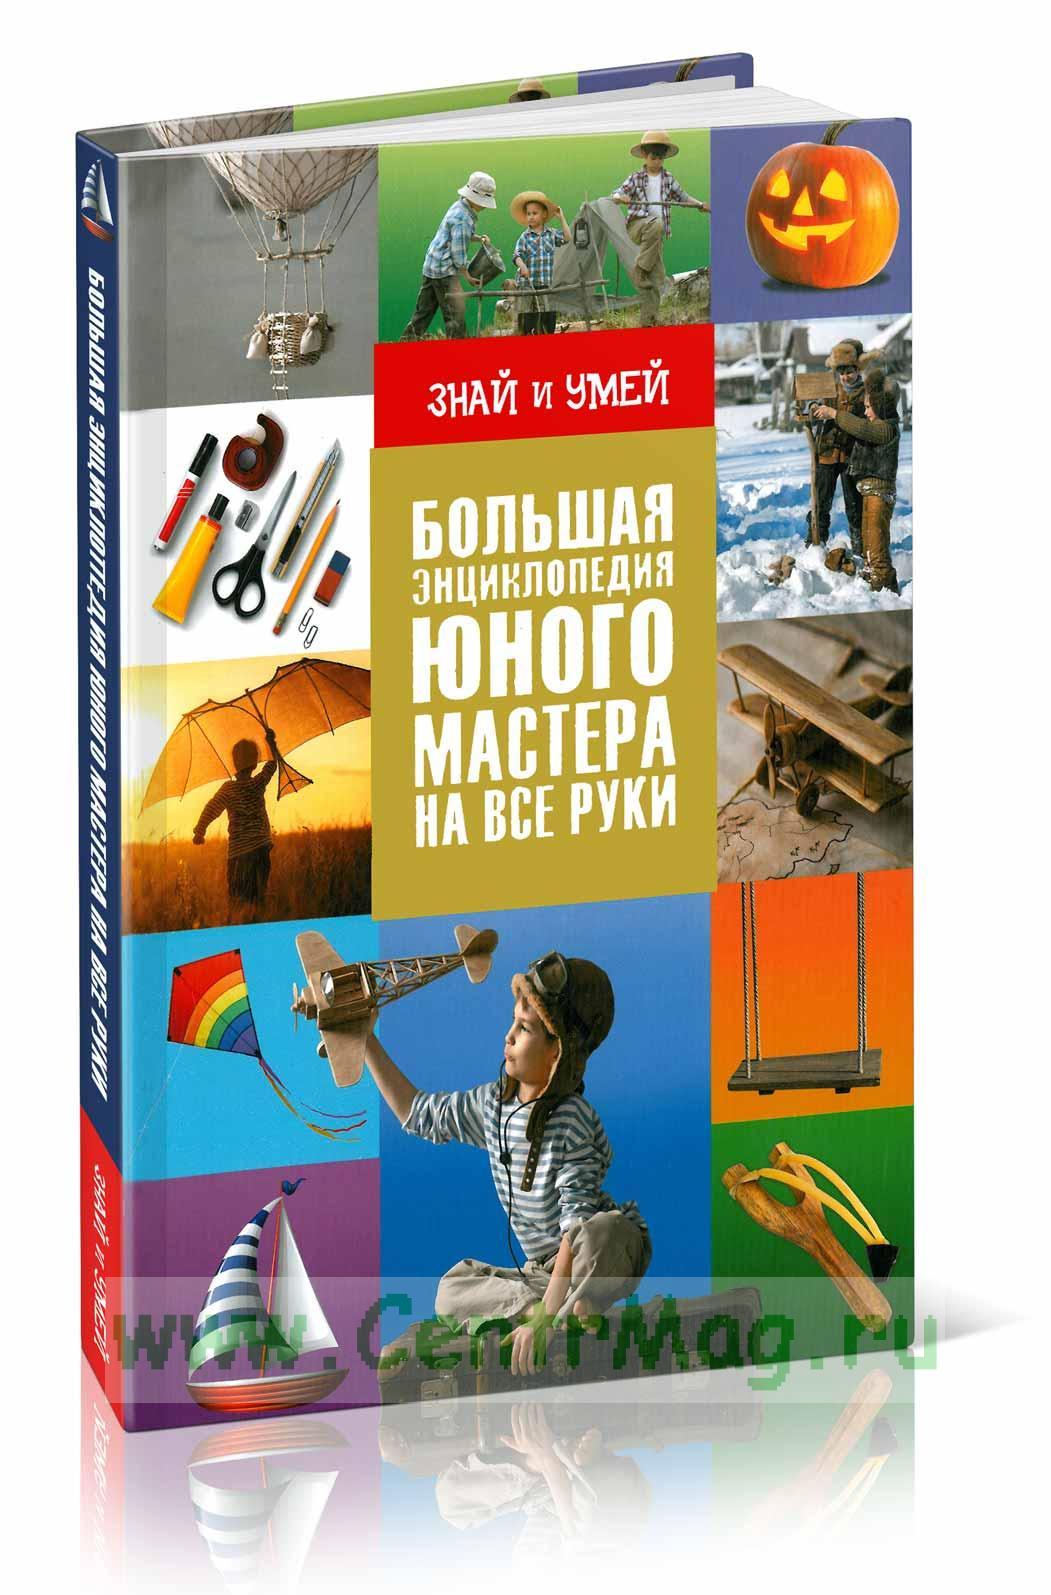 Большая энциклопедия юного мастера на все руки (Знай и умей)